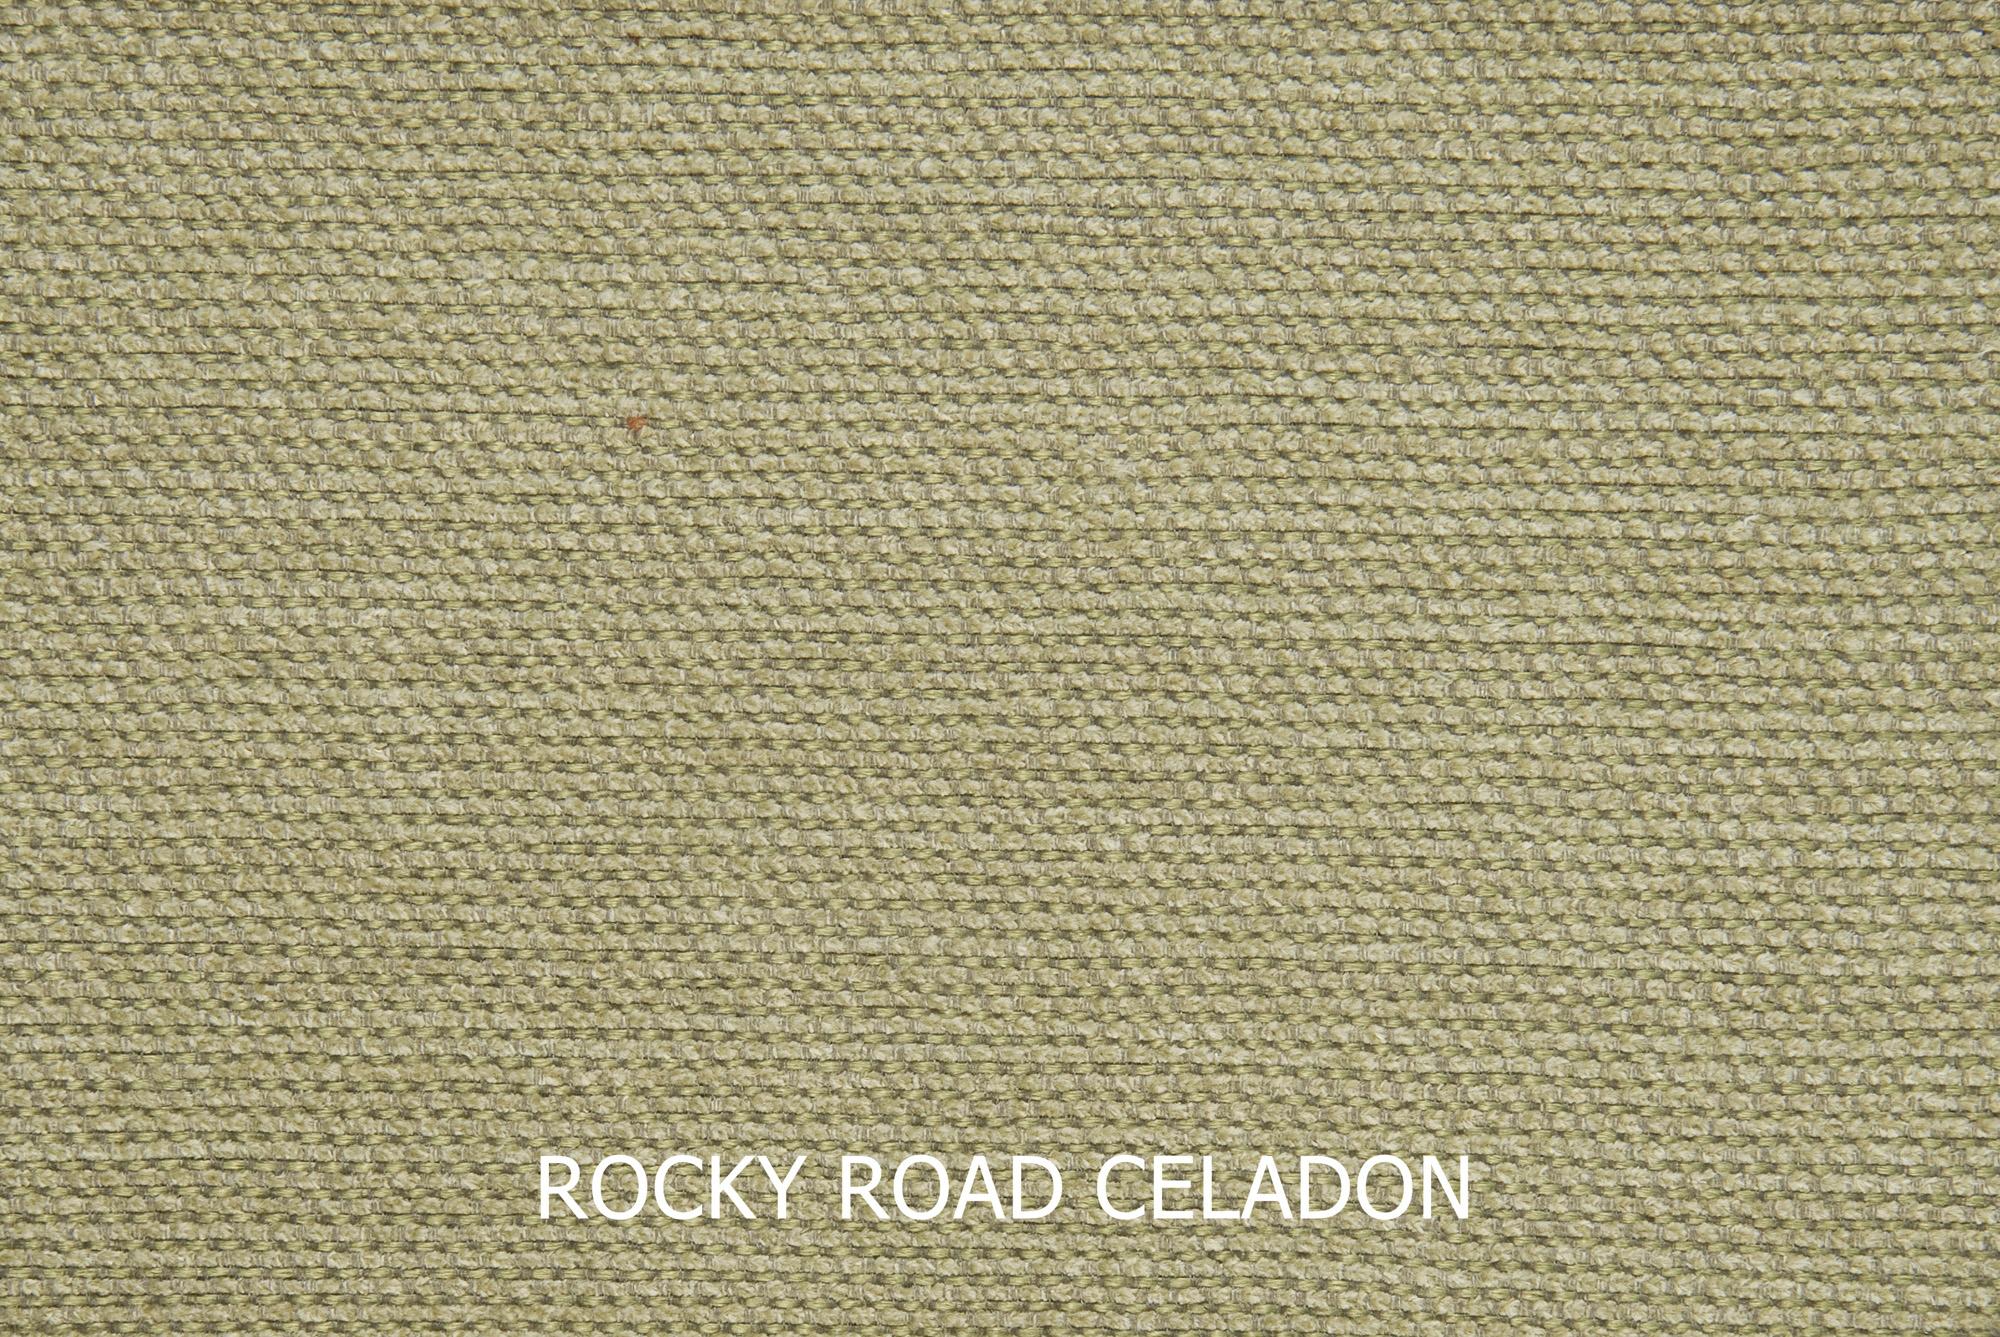 LH500 Rocky Road Celadon